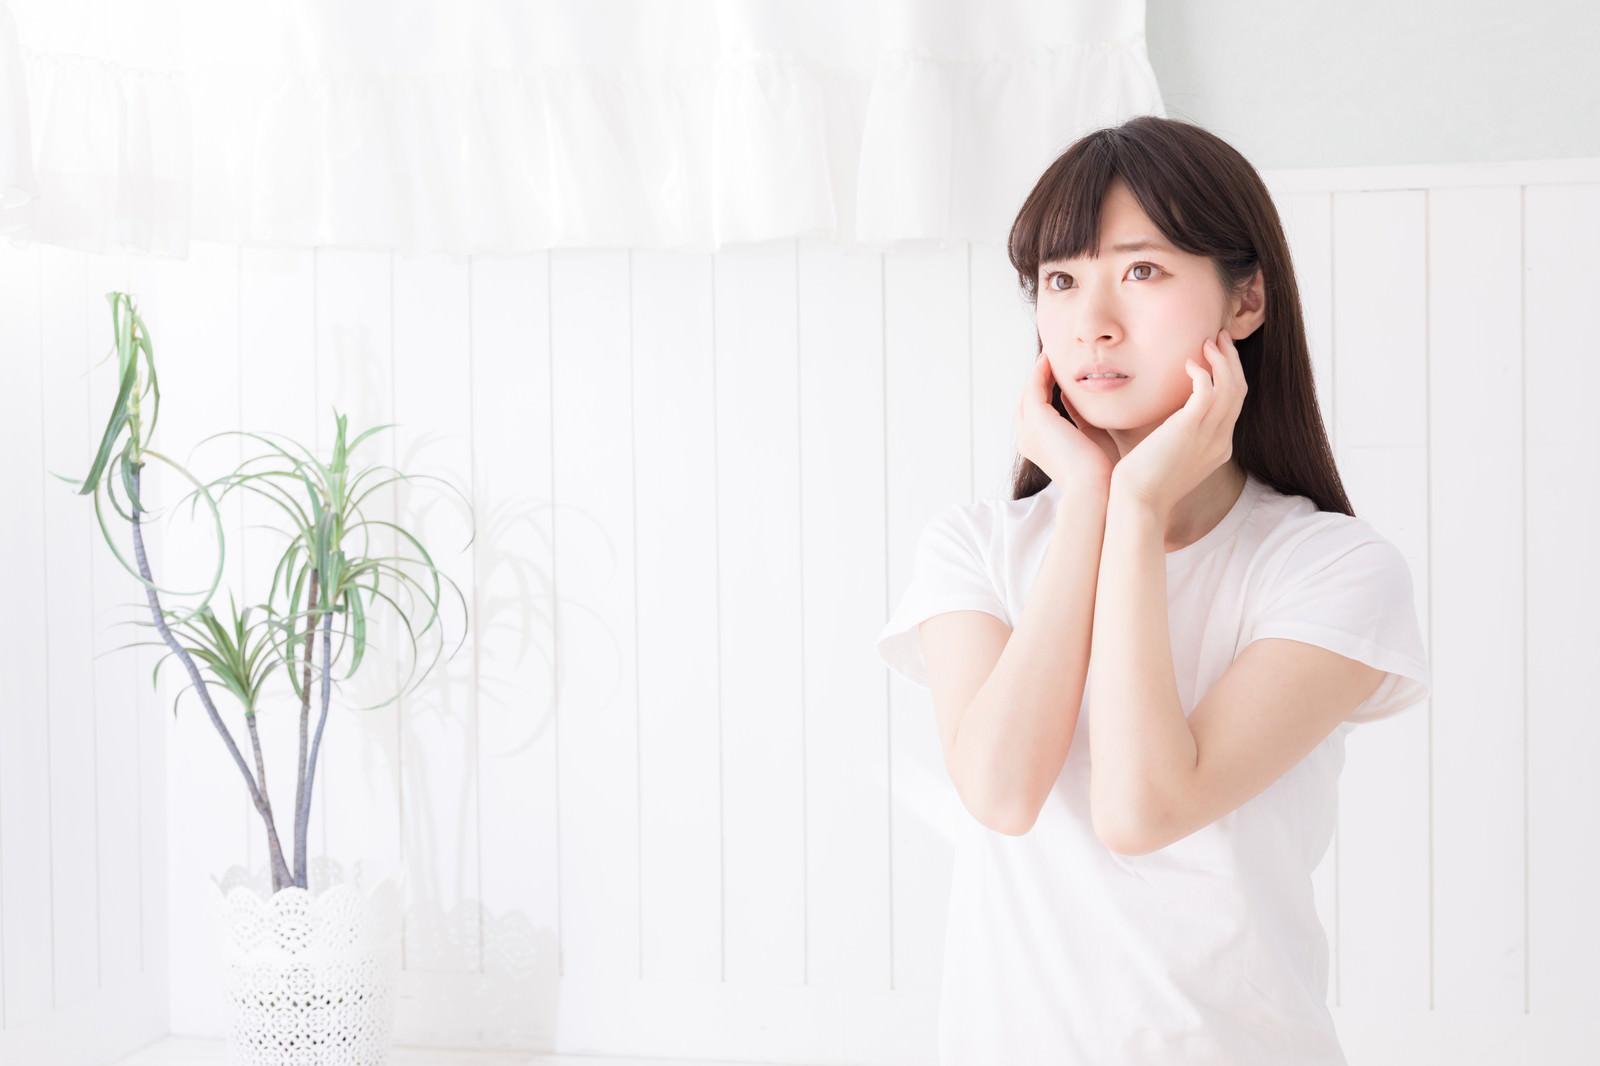 「透明感(清潔感)のある女性と自然光」の写真[モデル:川子芹菜]